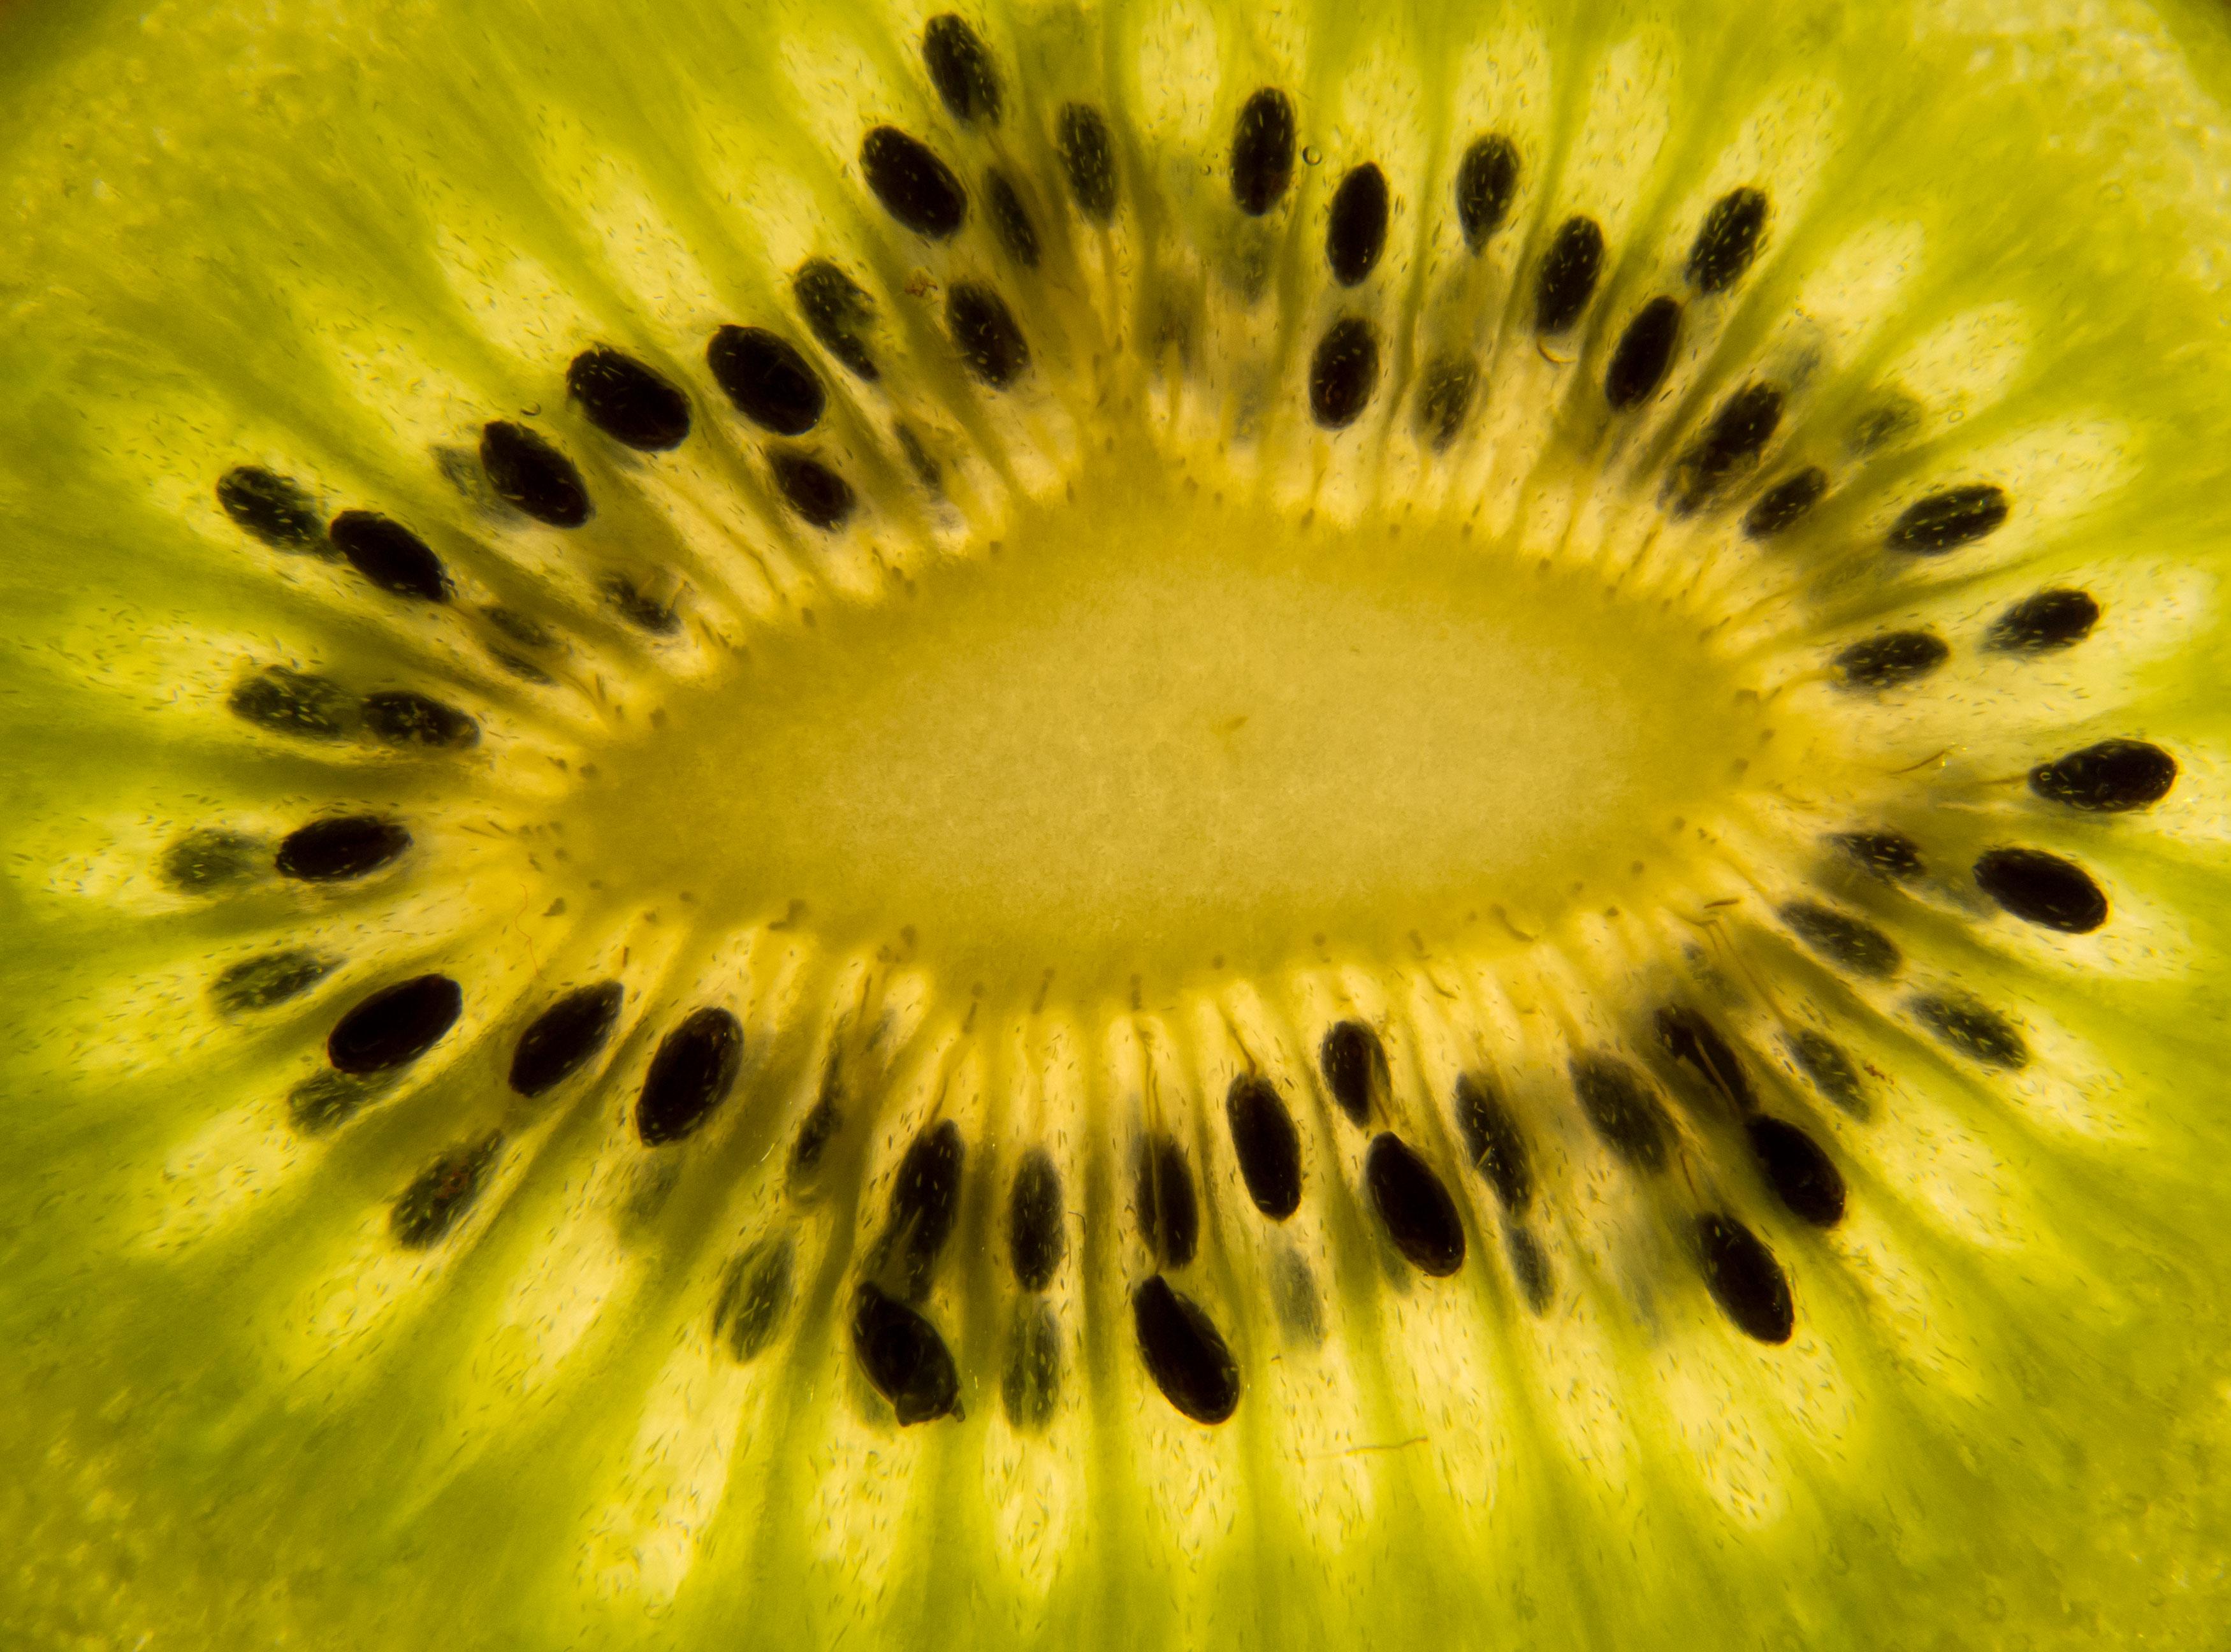 Kiwi slice macro photo